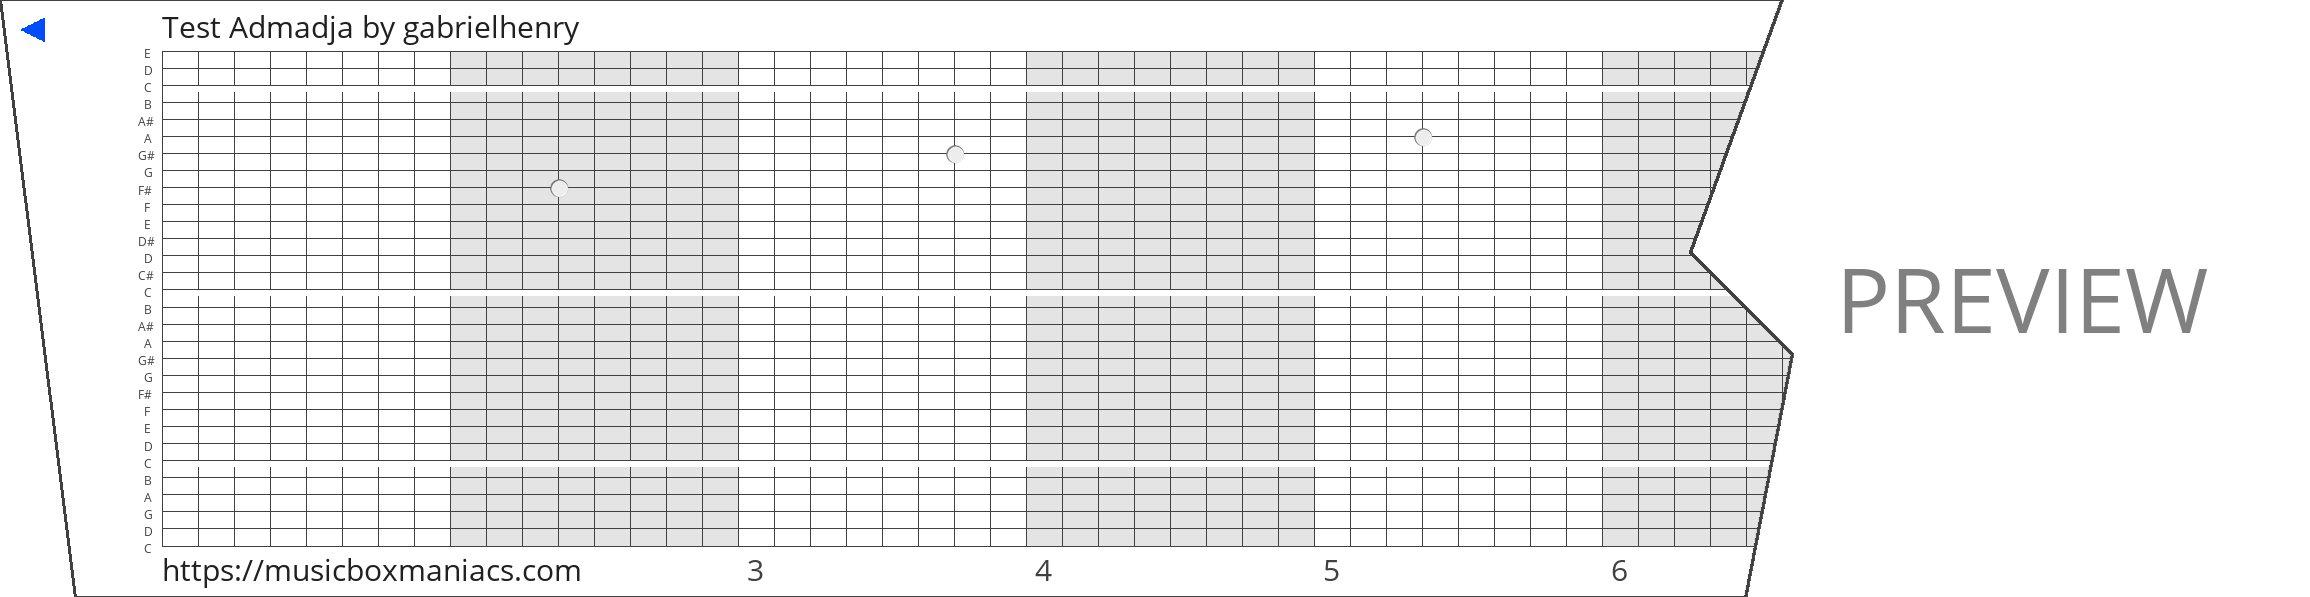 Test Admadja 30 note music box paper strip